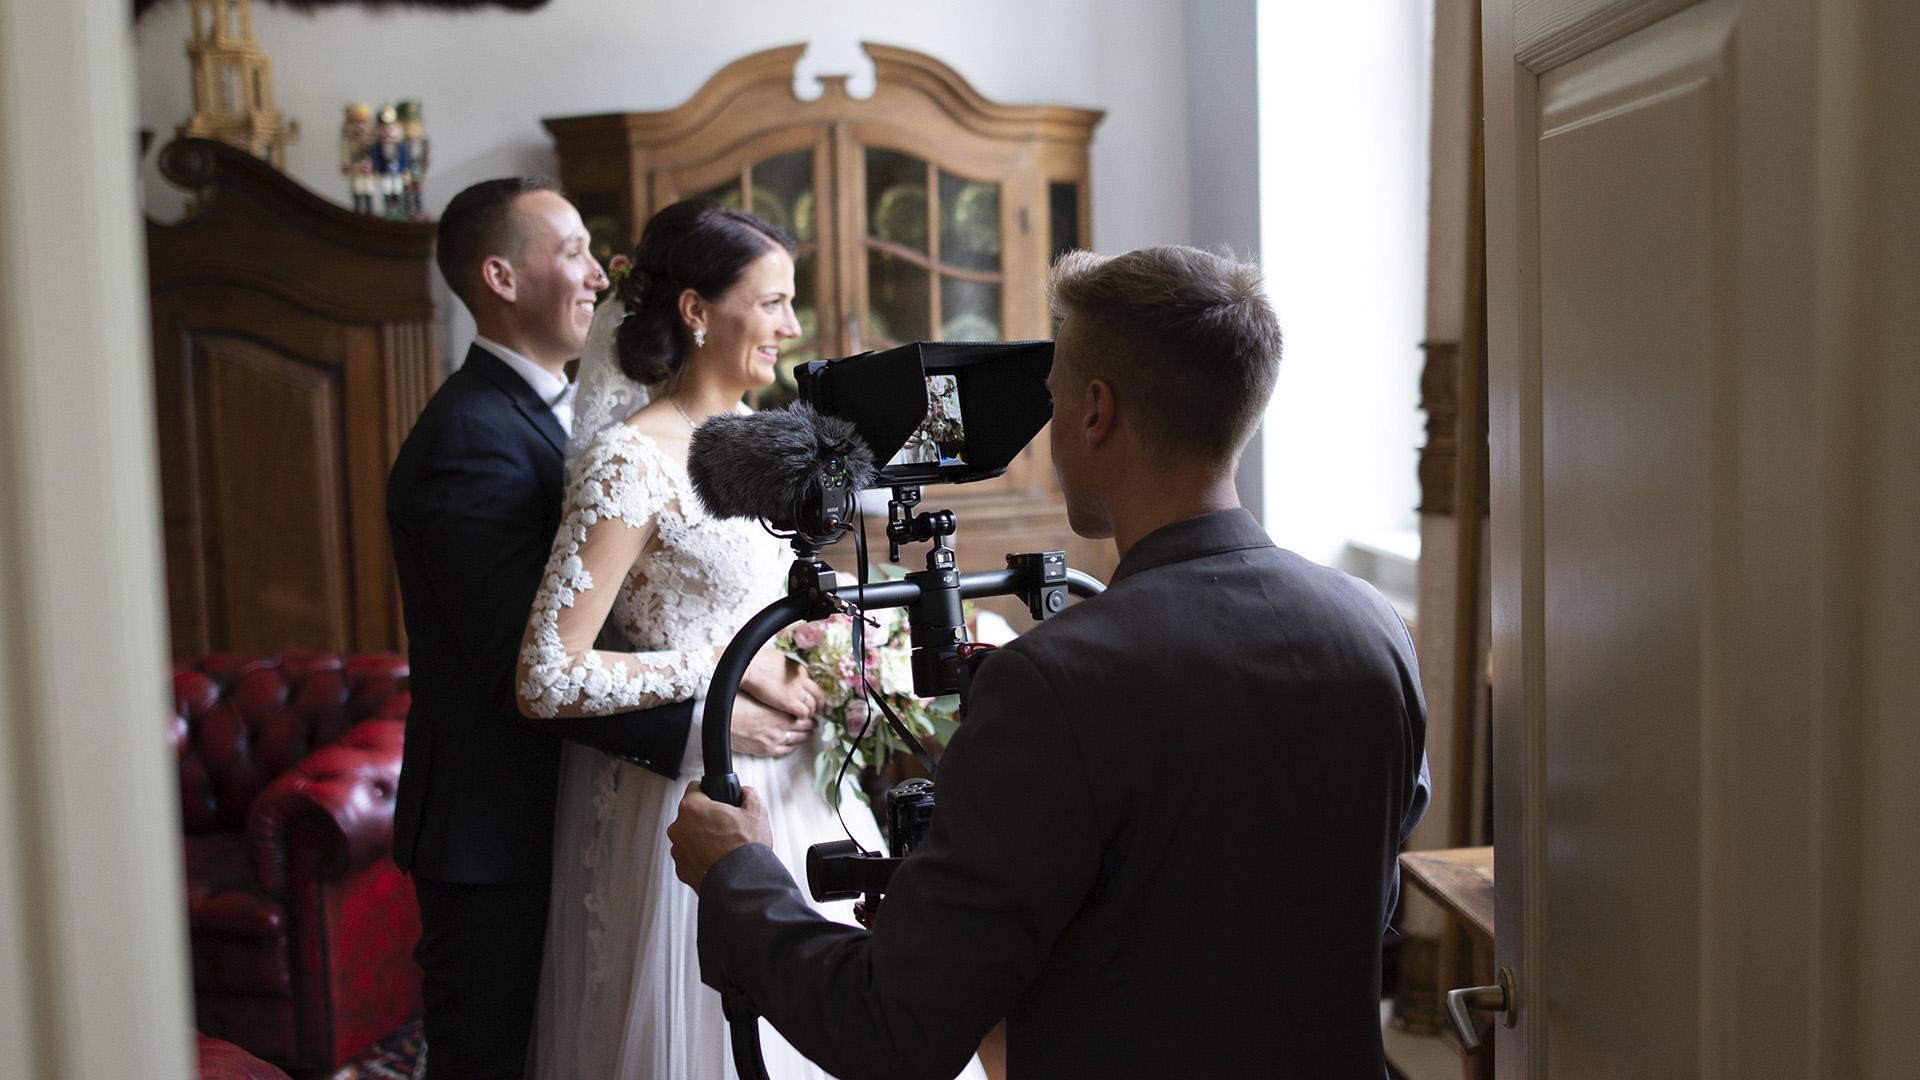 Hochzeit – Fotograf? Videograf? Beides?